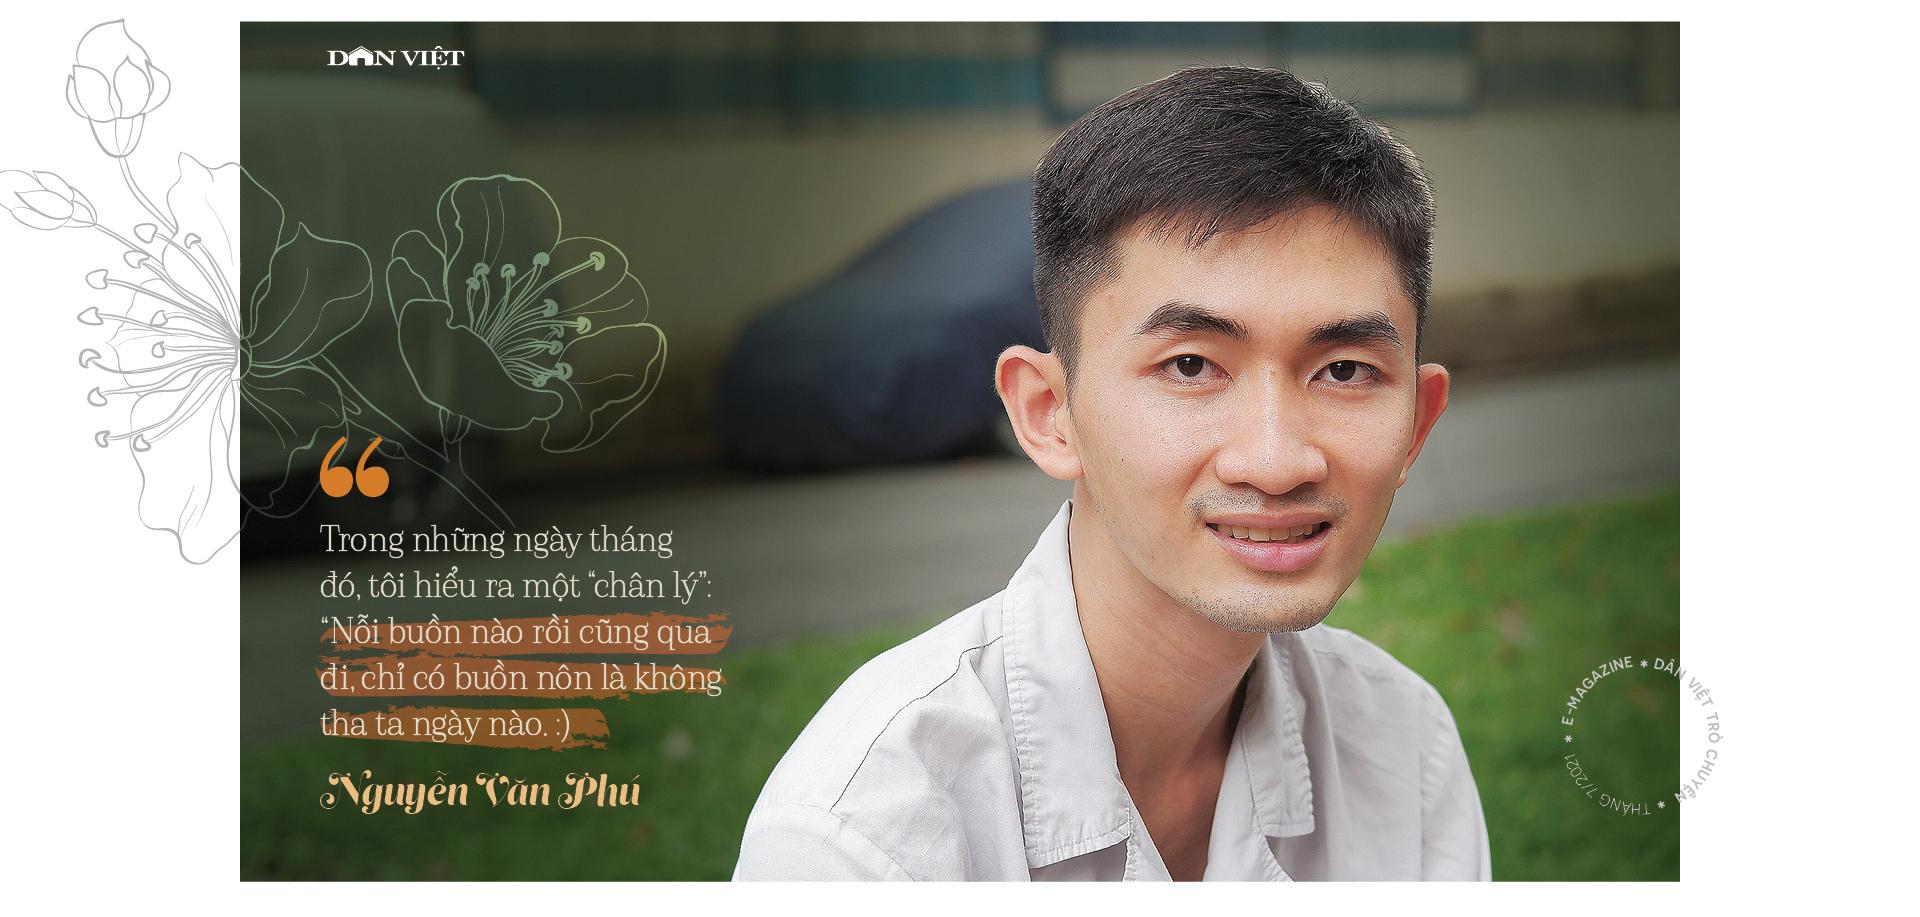 """Nguyễn Văn Phú – tác giả cuốn sách """"Bạn sinh ra để sống"""": """"Với tôi, ung thư là một món quà""""  - Ảnh 7."""